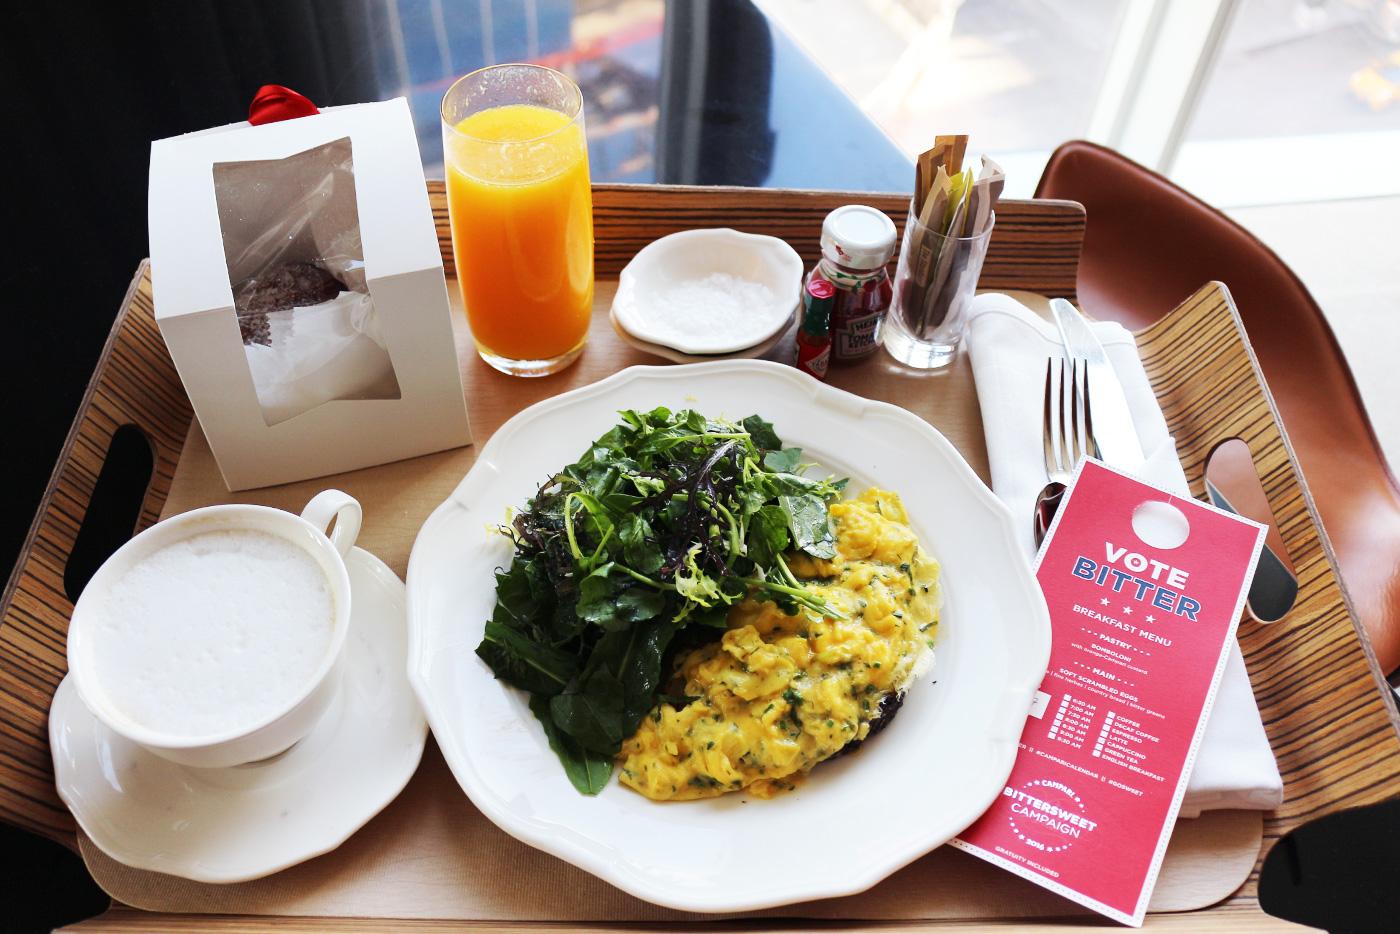 Campari-colazione-img-post-1